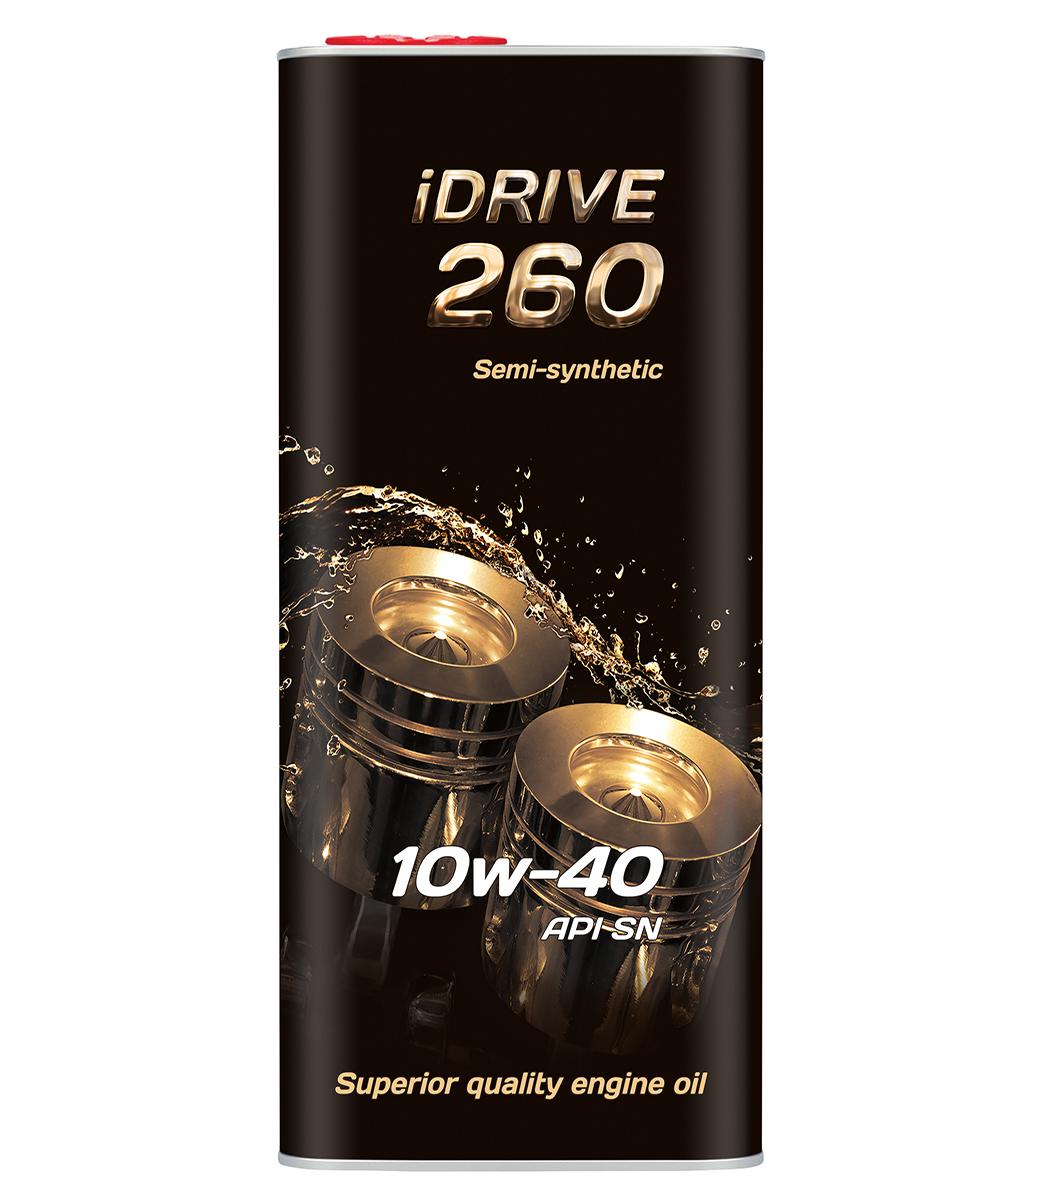 iDRIVE 260 10W-40